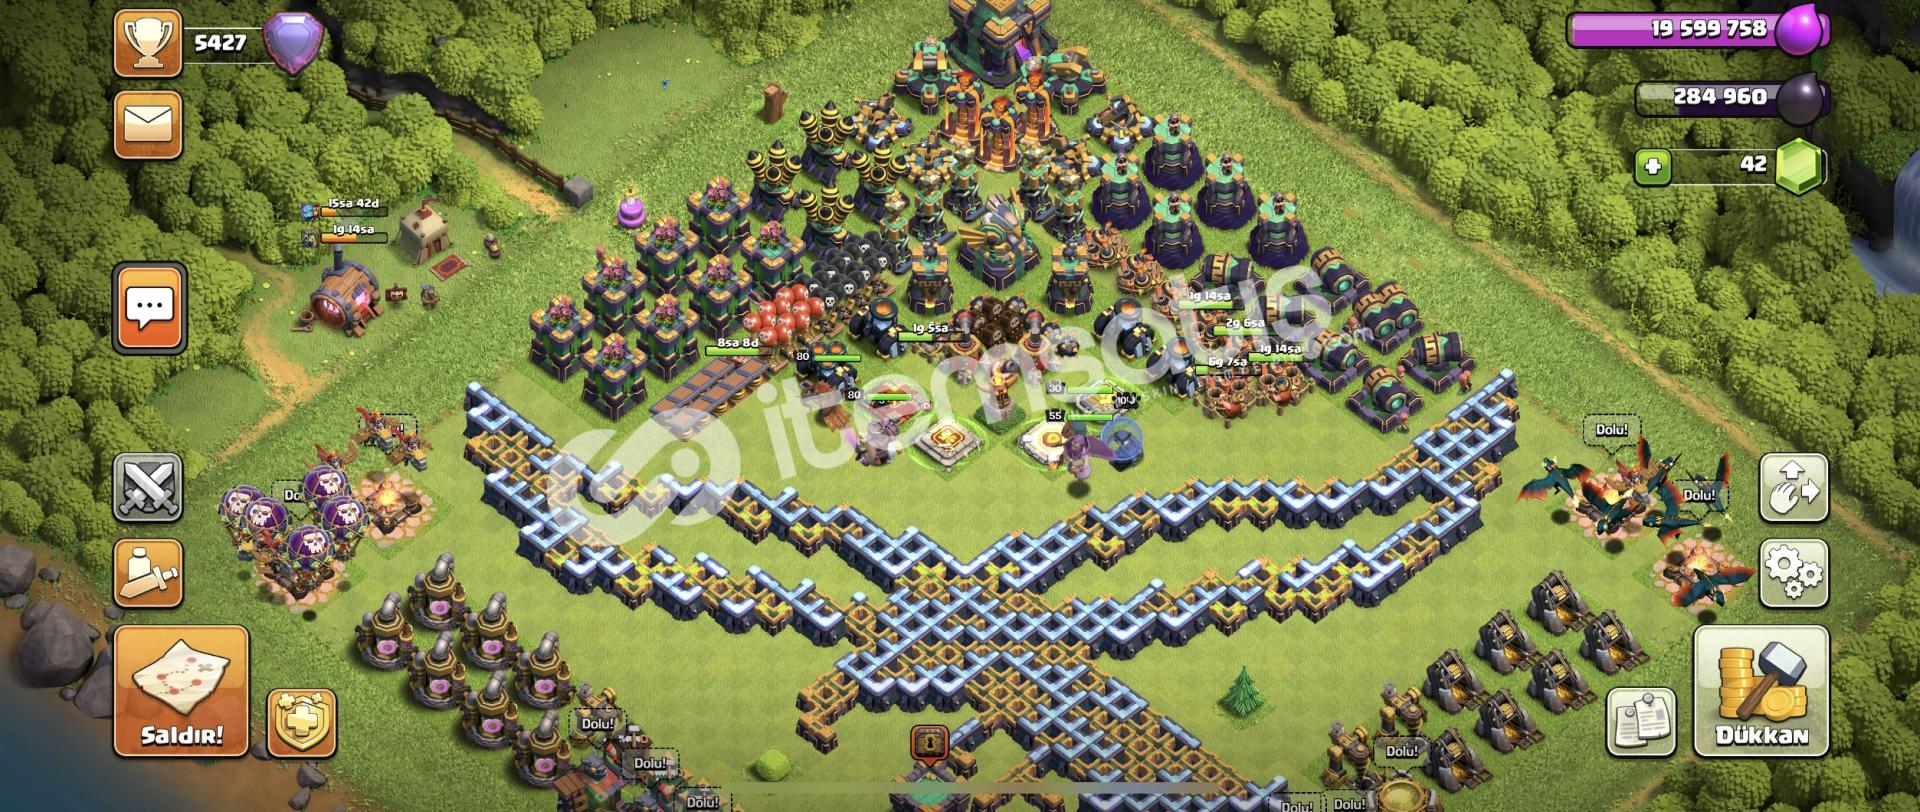 234 lewel clash of clans full+full